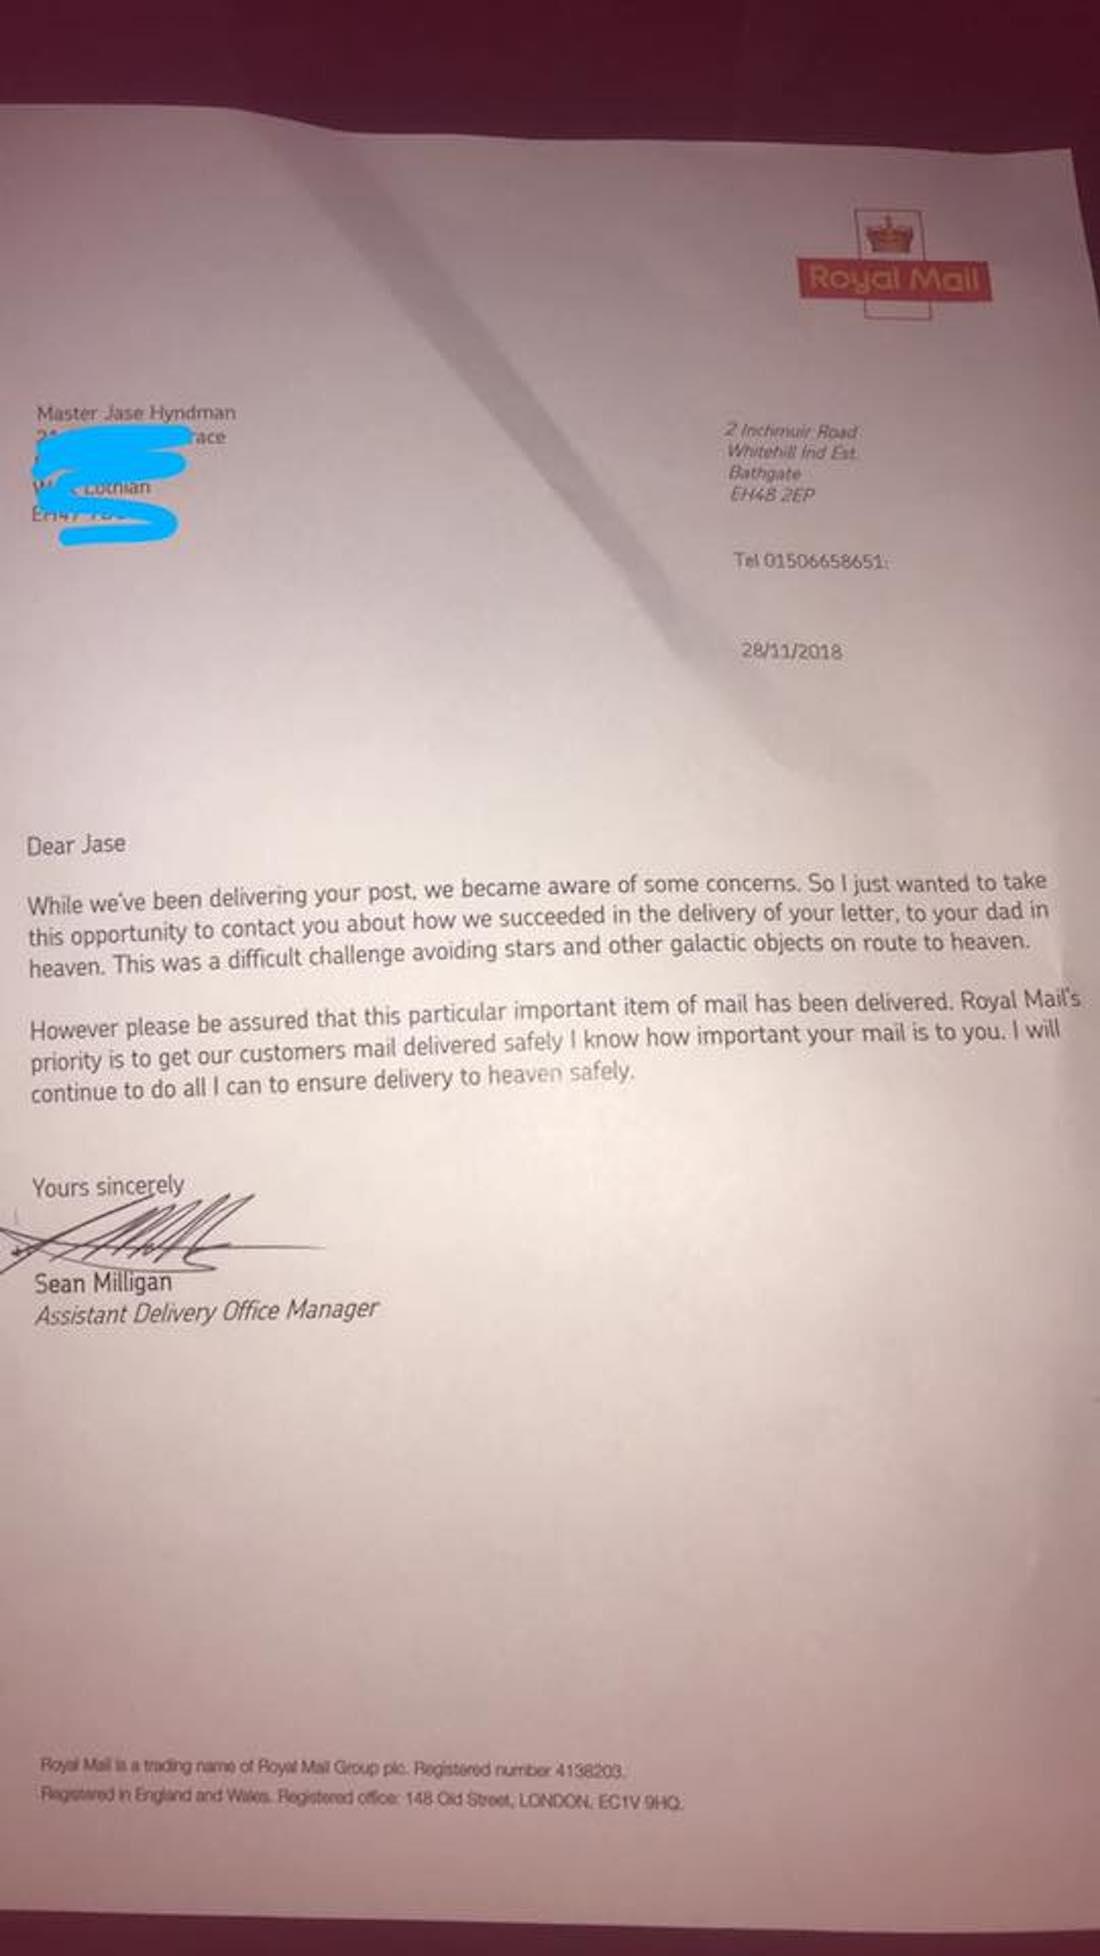 Il envoie une lettre à destination du paradis à son père décédé... la poste britannique lui envoie la plus douce des réponses